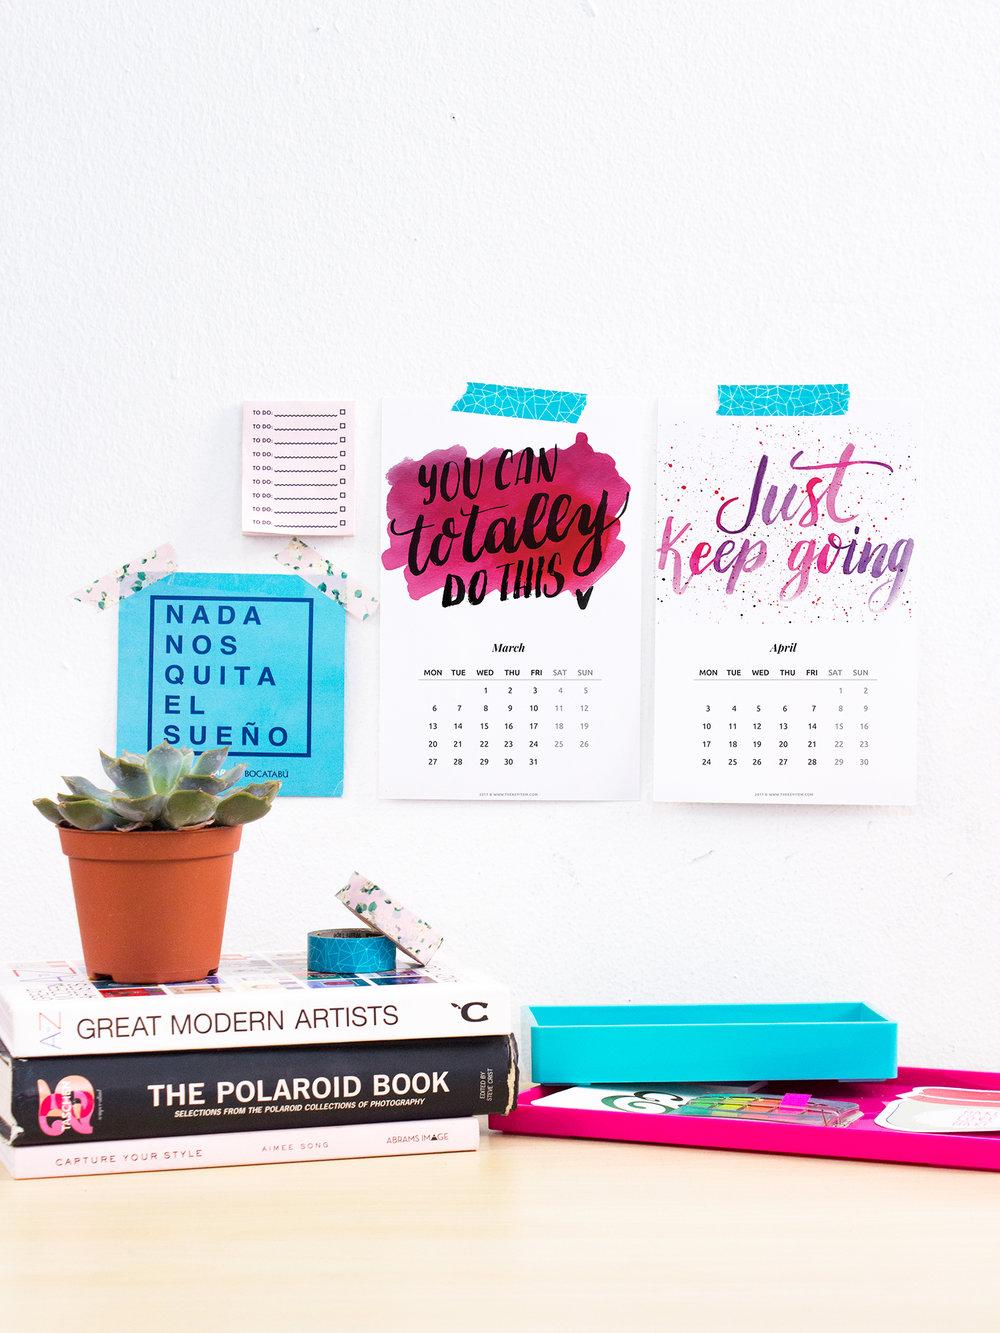 He creado un calendario 2017 con frases de inspiración para todo el emprededor. Imprirlo facilmente y manténte organizado todo el año.